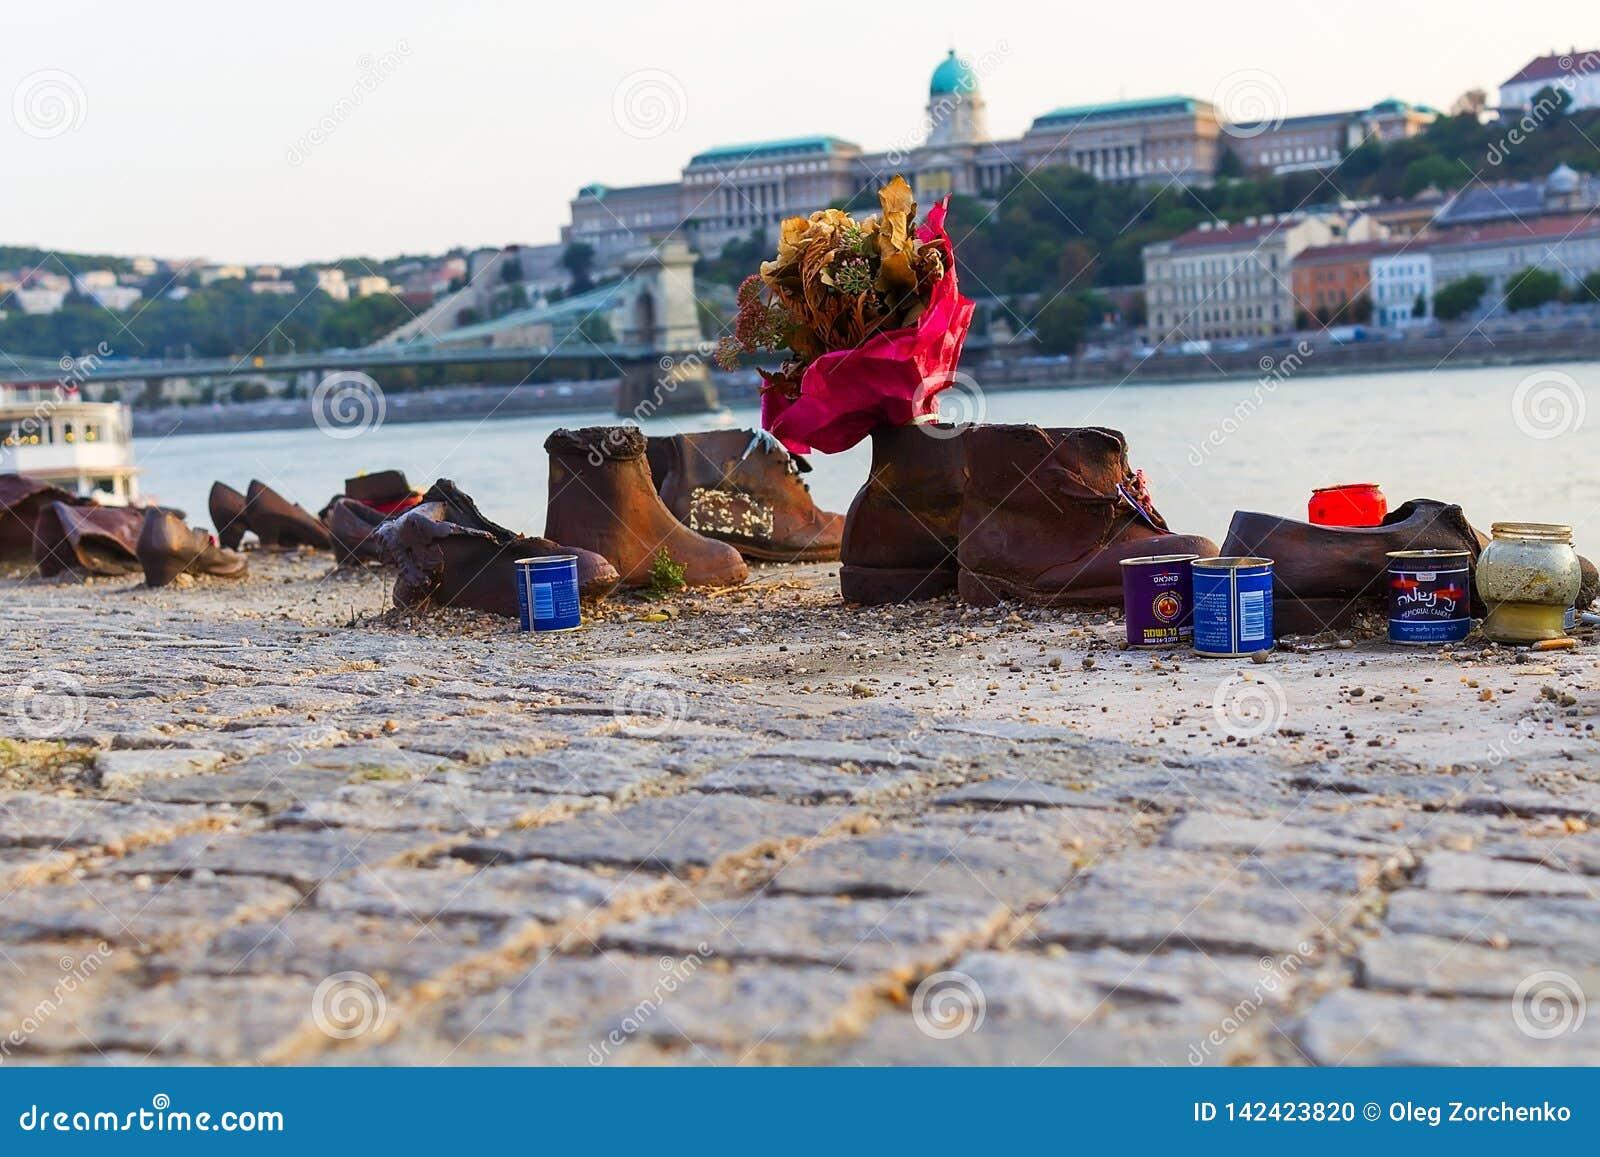 Gedenkteken aan de moorde Joden in Wereldoorlog II op de banken van de Donau